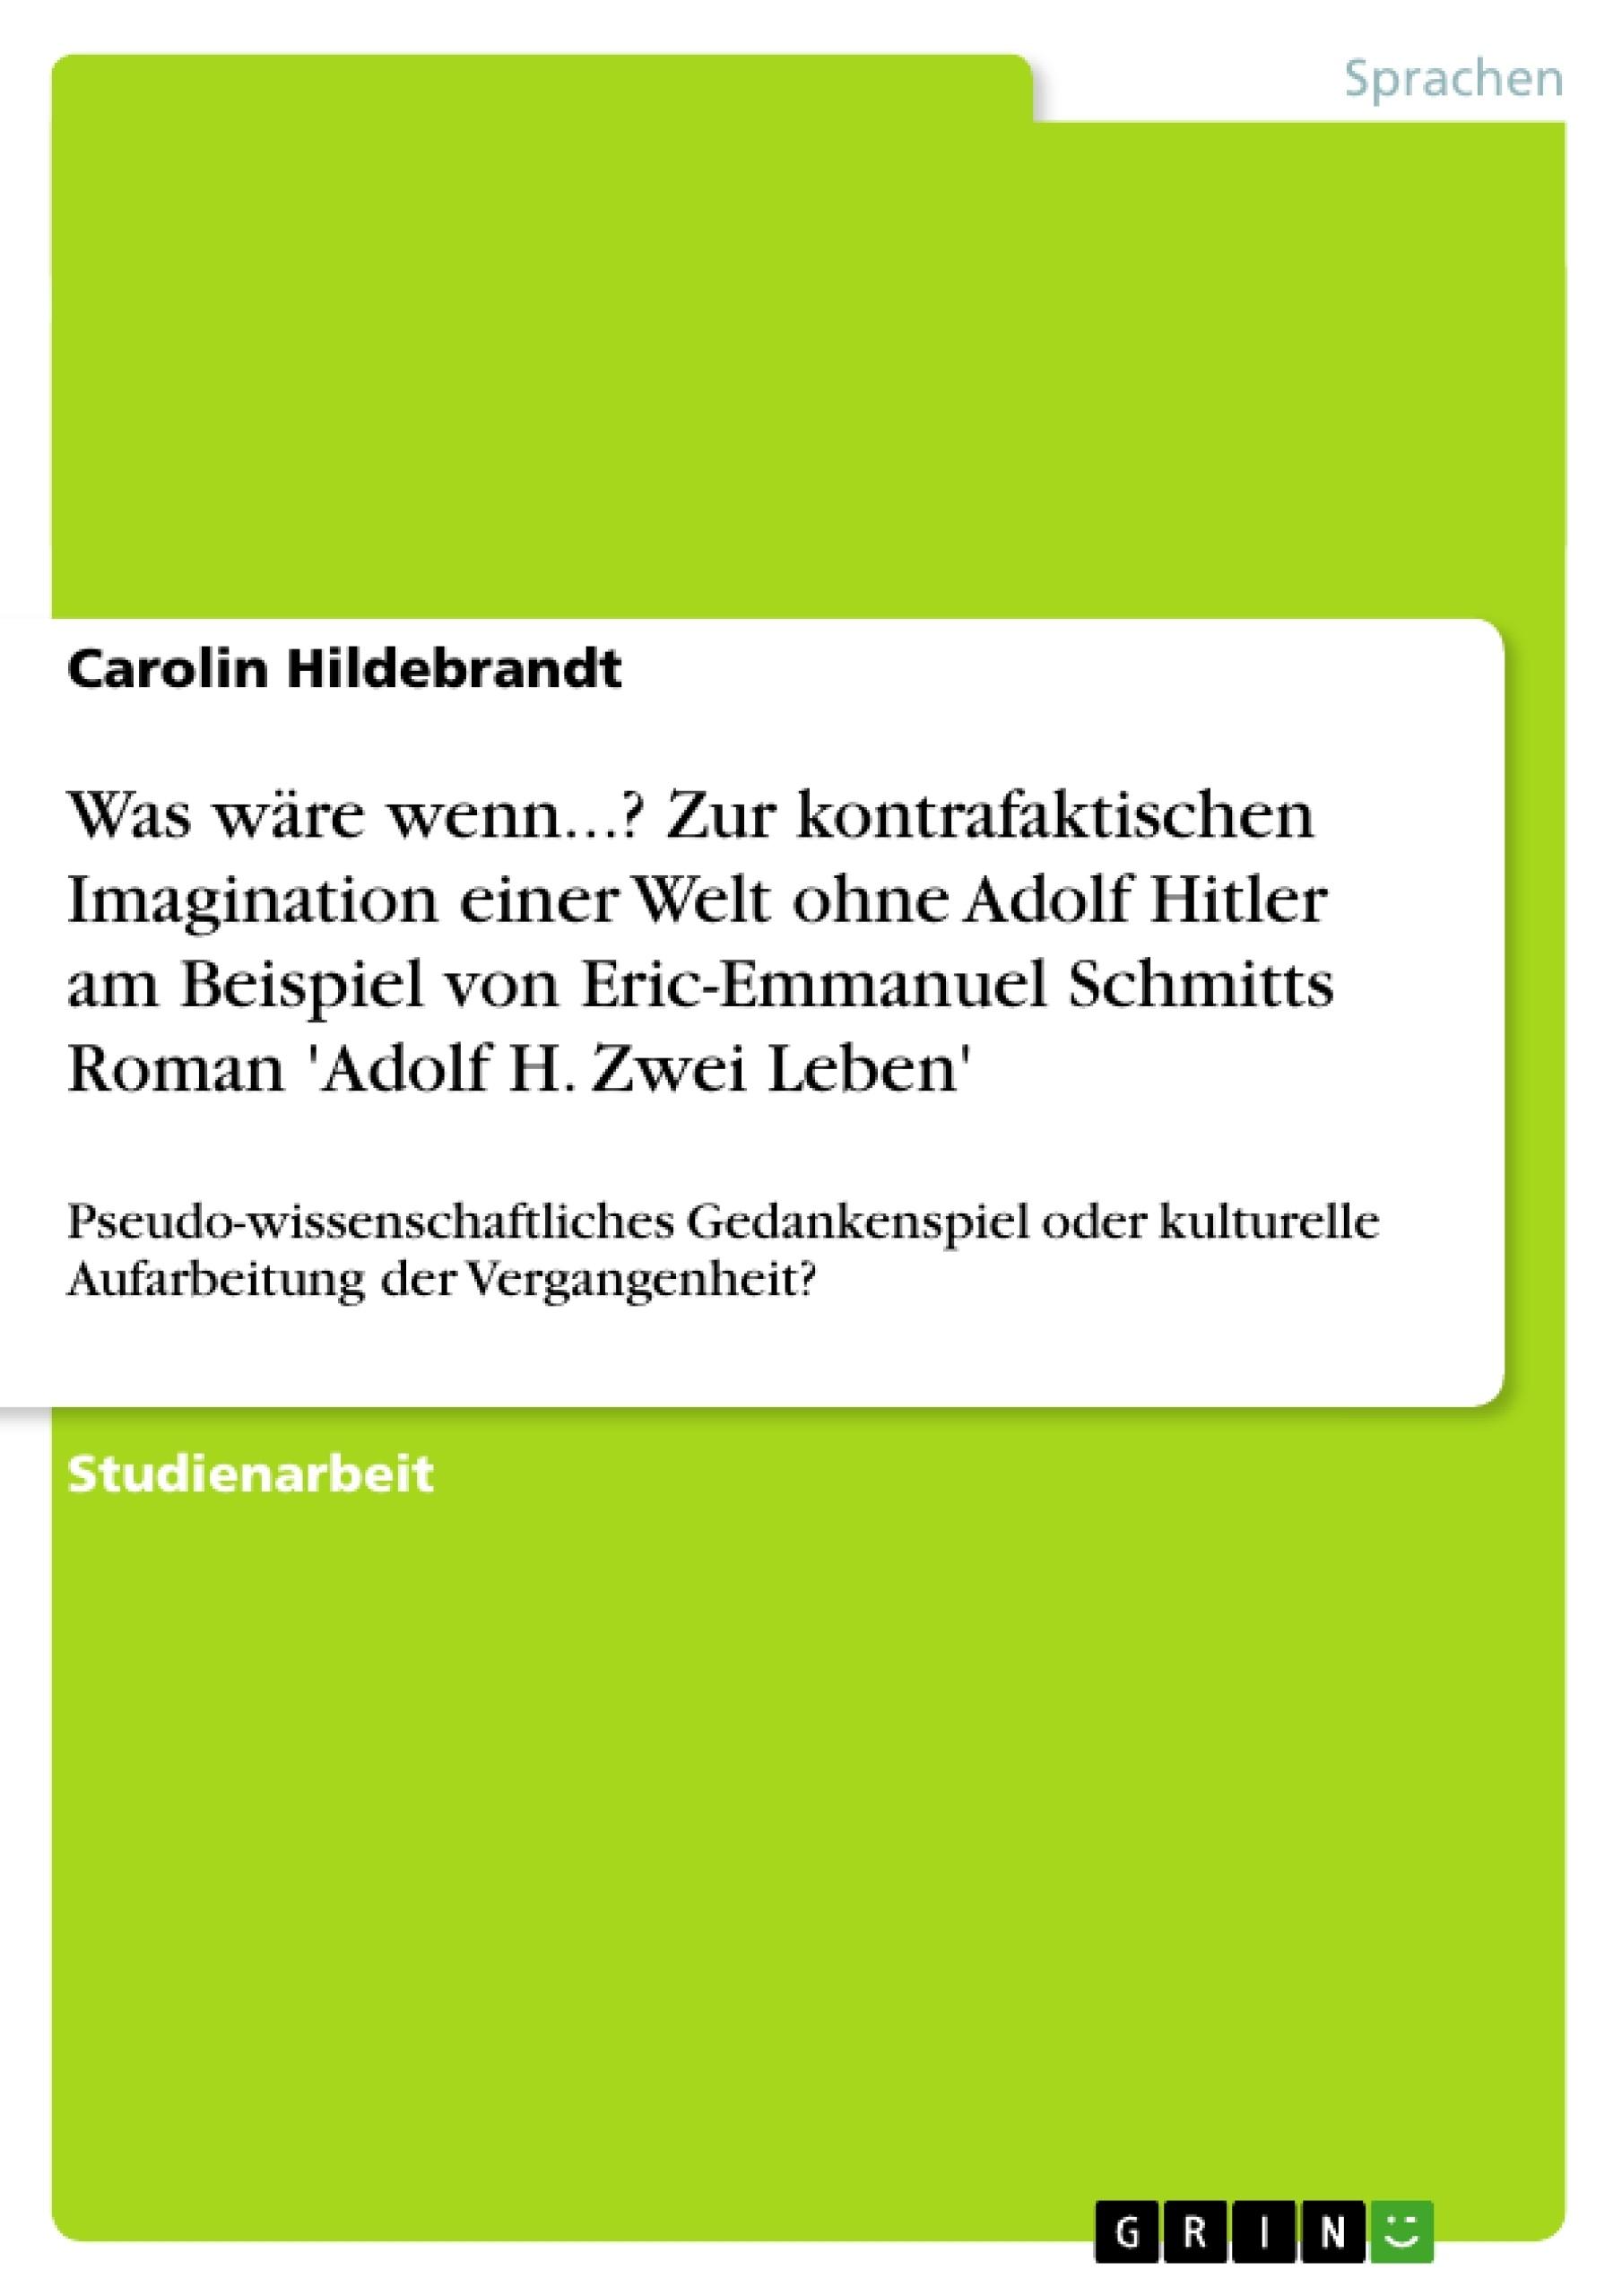 Titel: Was wäre wenn...? Zur kontrafaktischen Imagination einer Welt ohne Adolf Hitler am Beispiel von Eric-Emmanuel Schmitts Roman 'Adolf H. Zwei Leben'